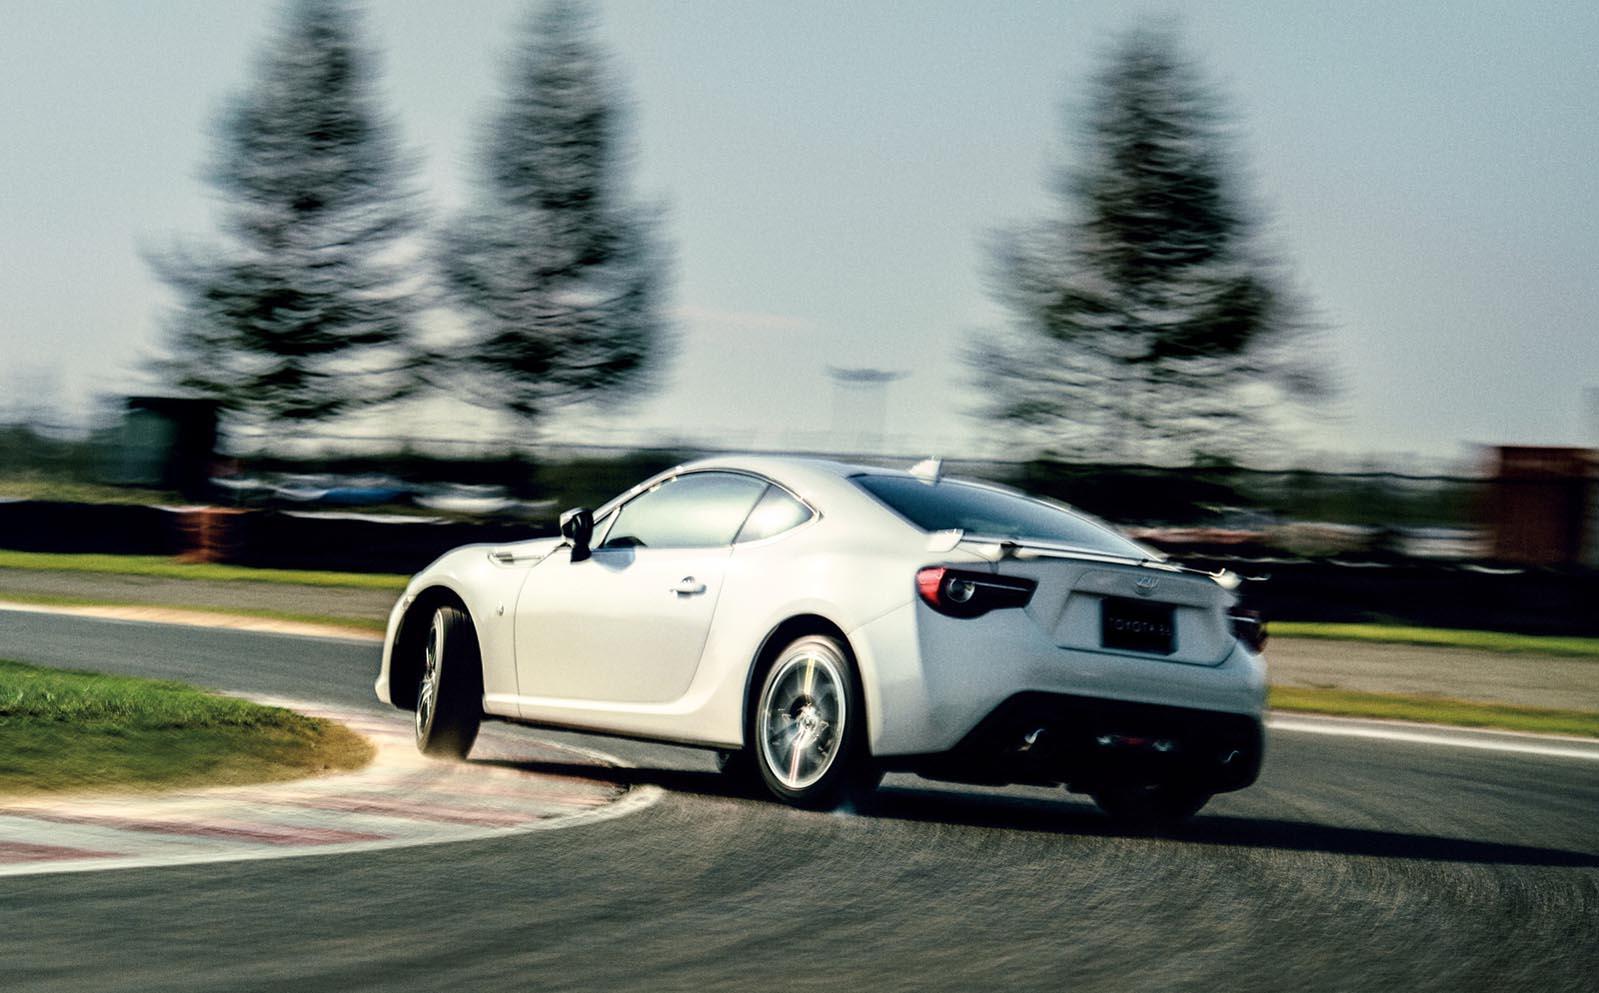 Photo of Θα φτηνύνουν τα ιαπωνικά αυτοκίνητα μετά την κατάργηση του φόρου 10% της Ε.Ε.;